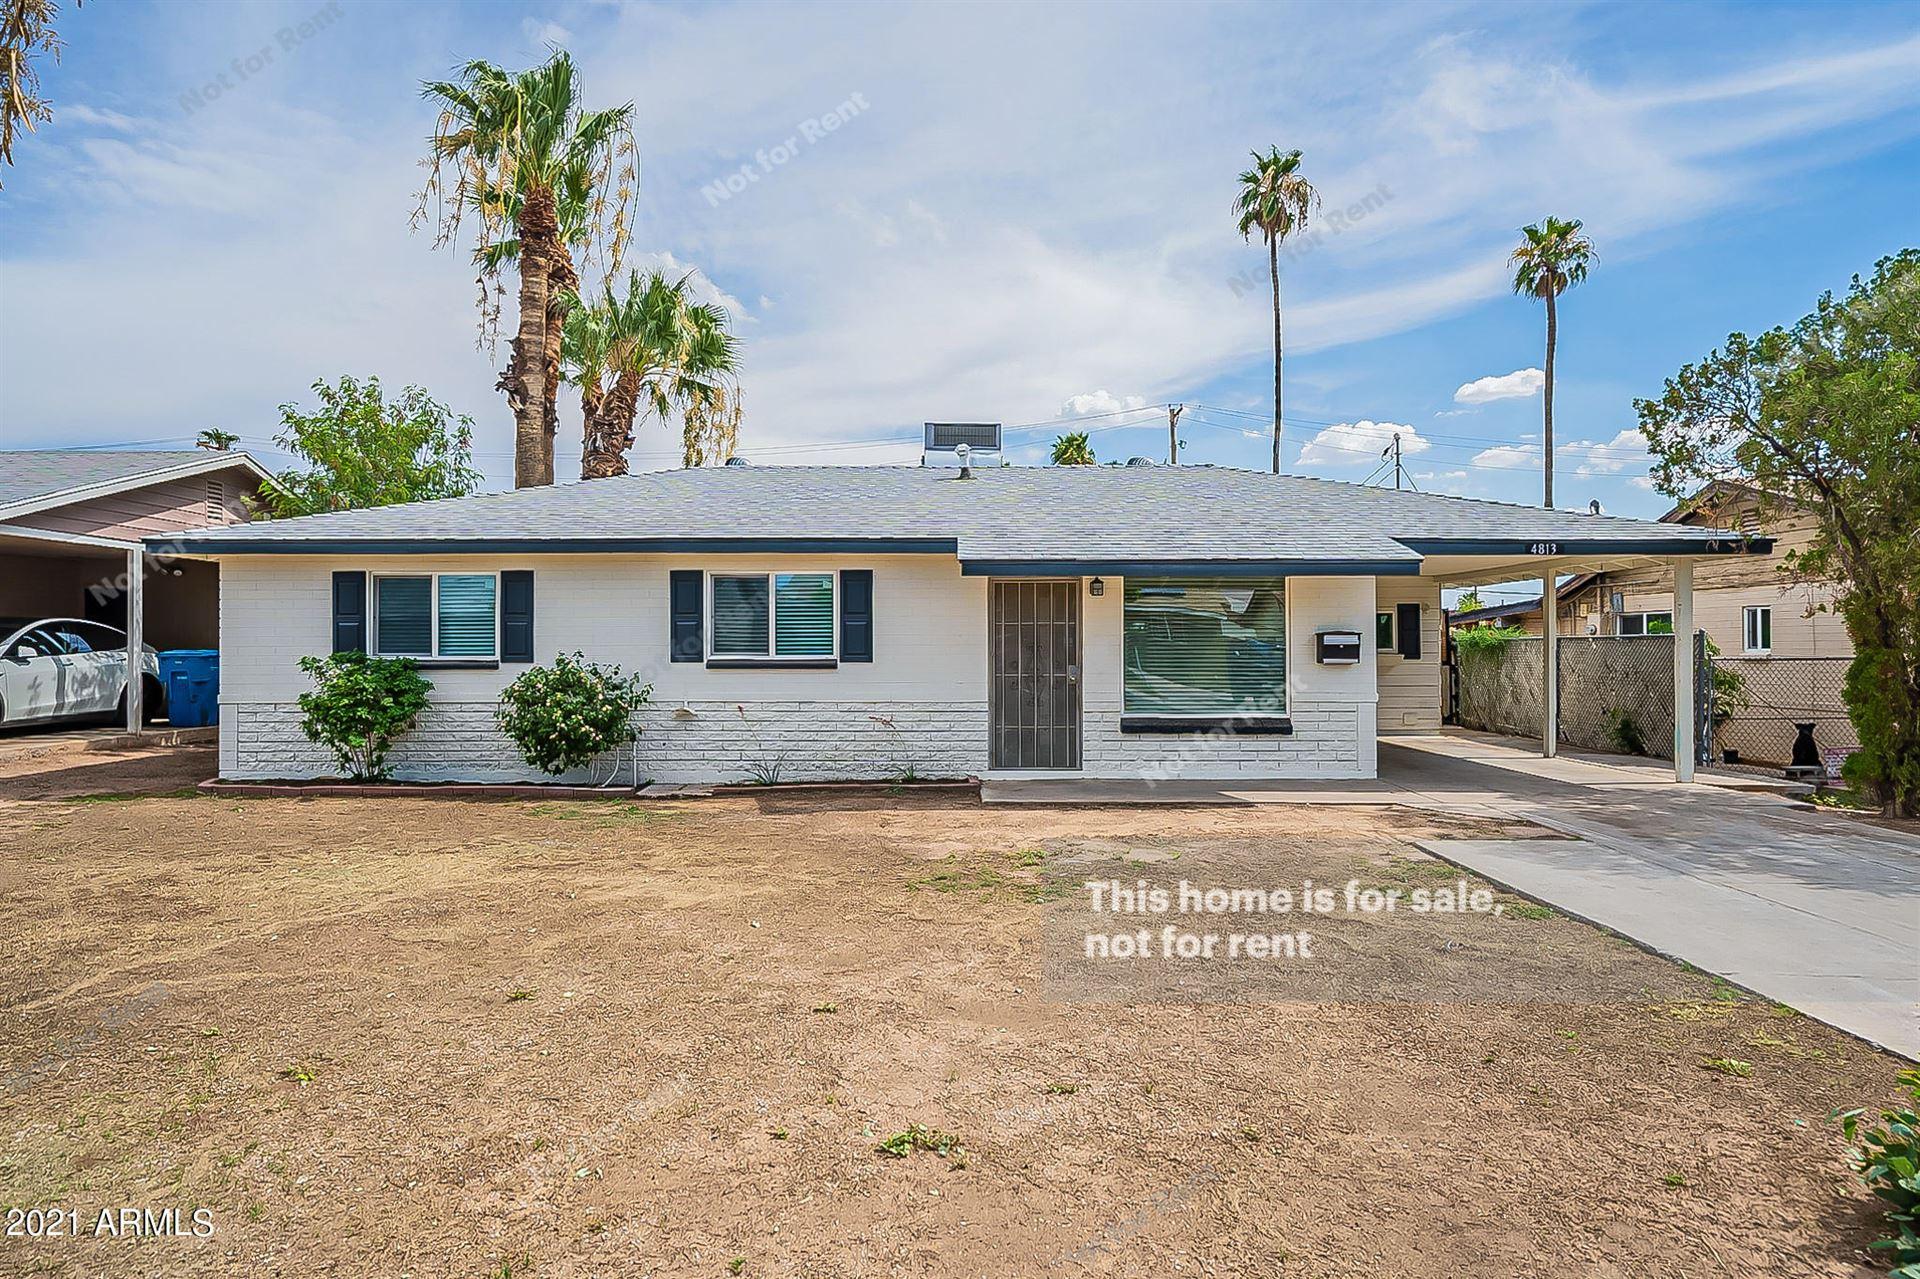 4813 E BRILL Street, Phoenix, AZ 85008 - MLS#: 6270959